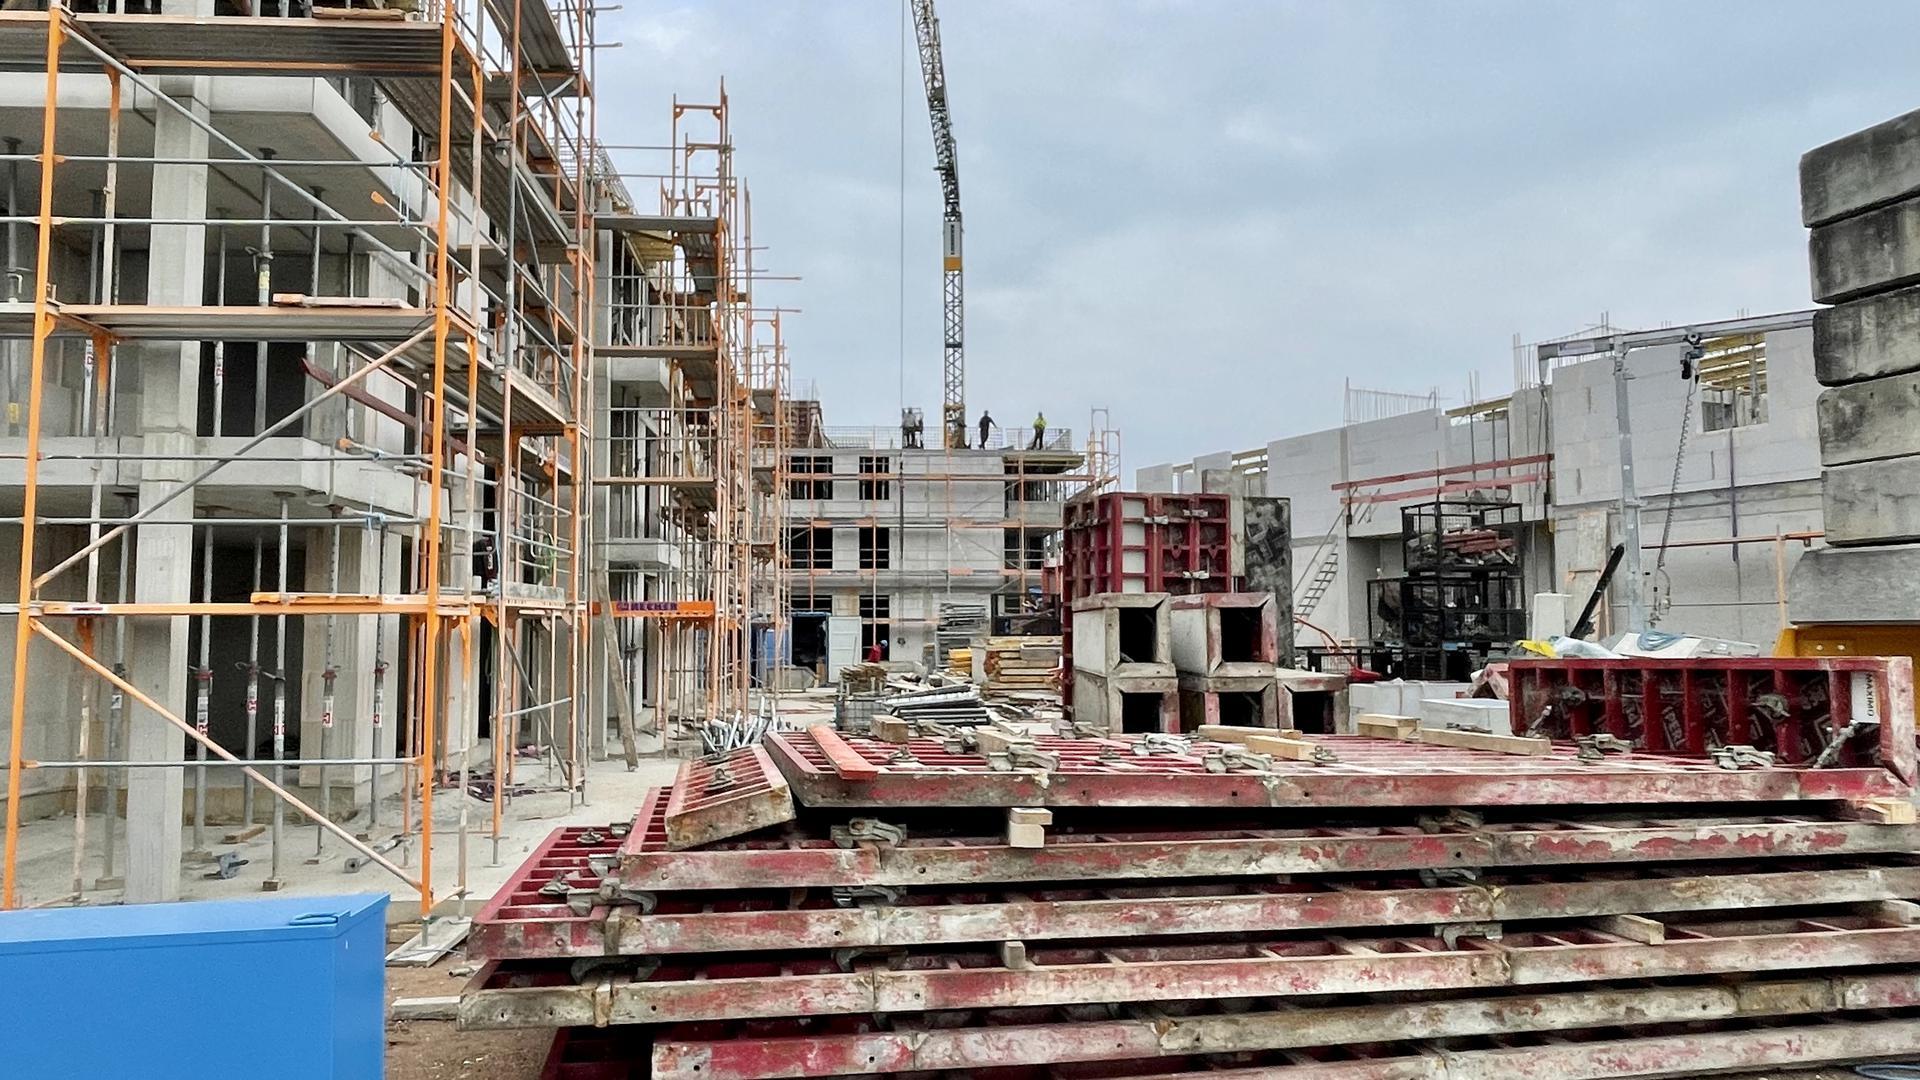 Neues Wohnen an der Acher: Auf dem Gelände der Glashütte entstehen 400 neue Wohnungen